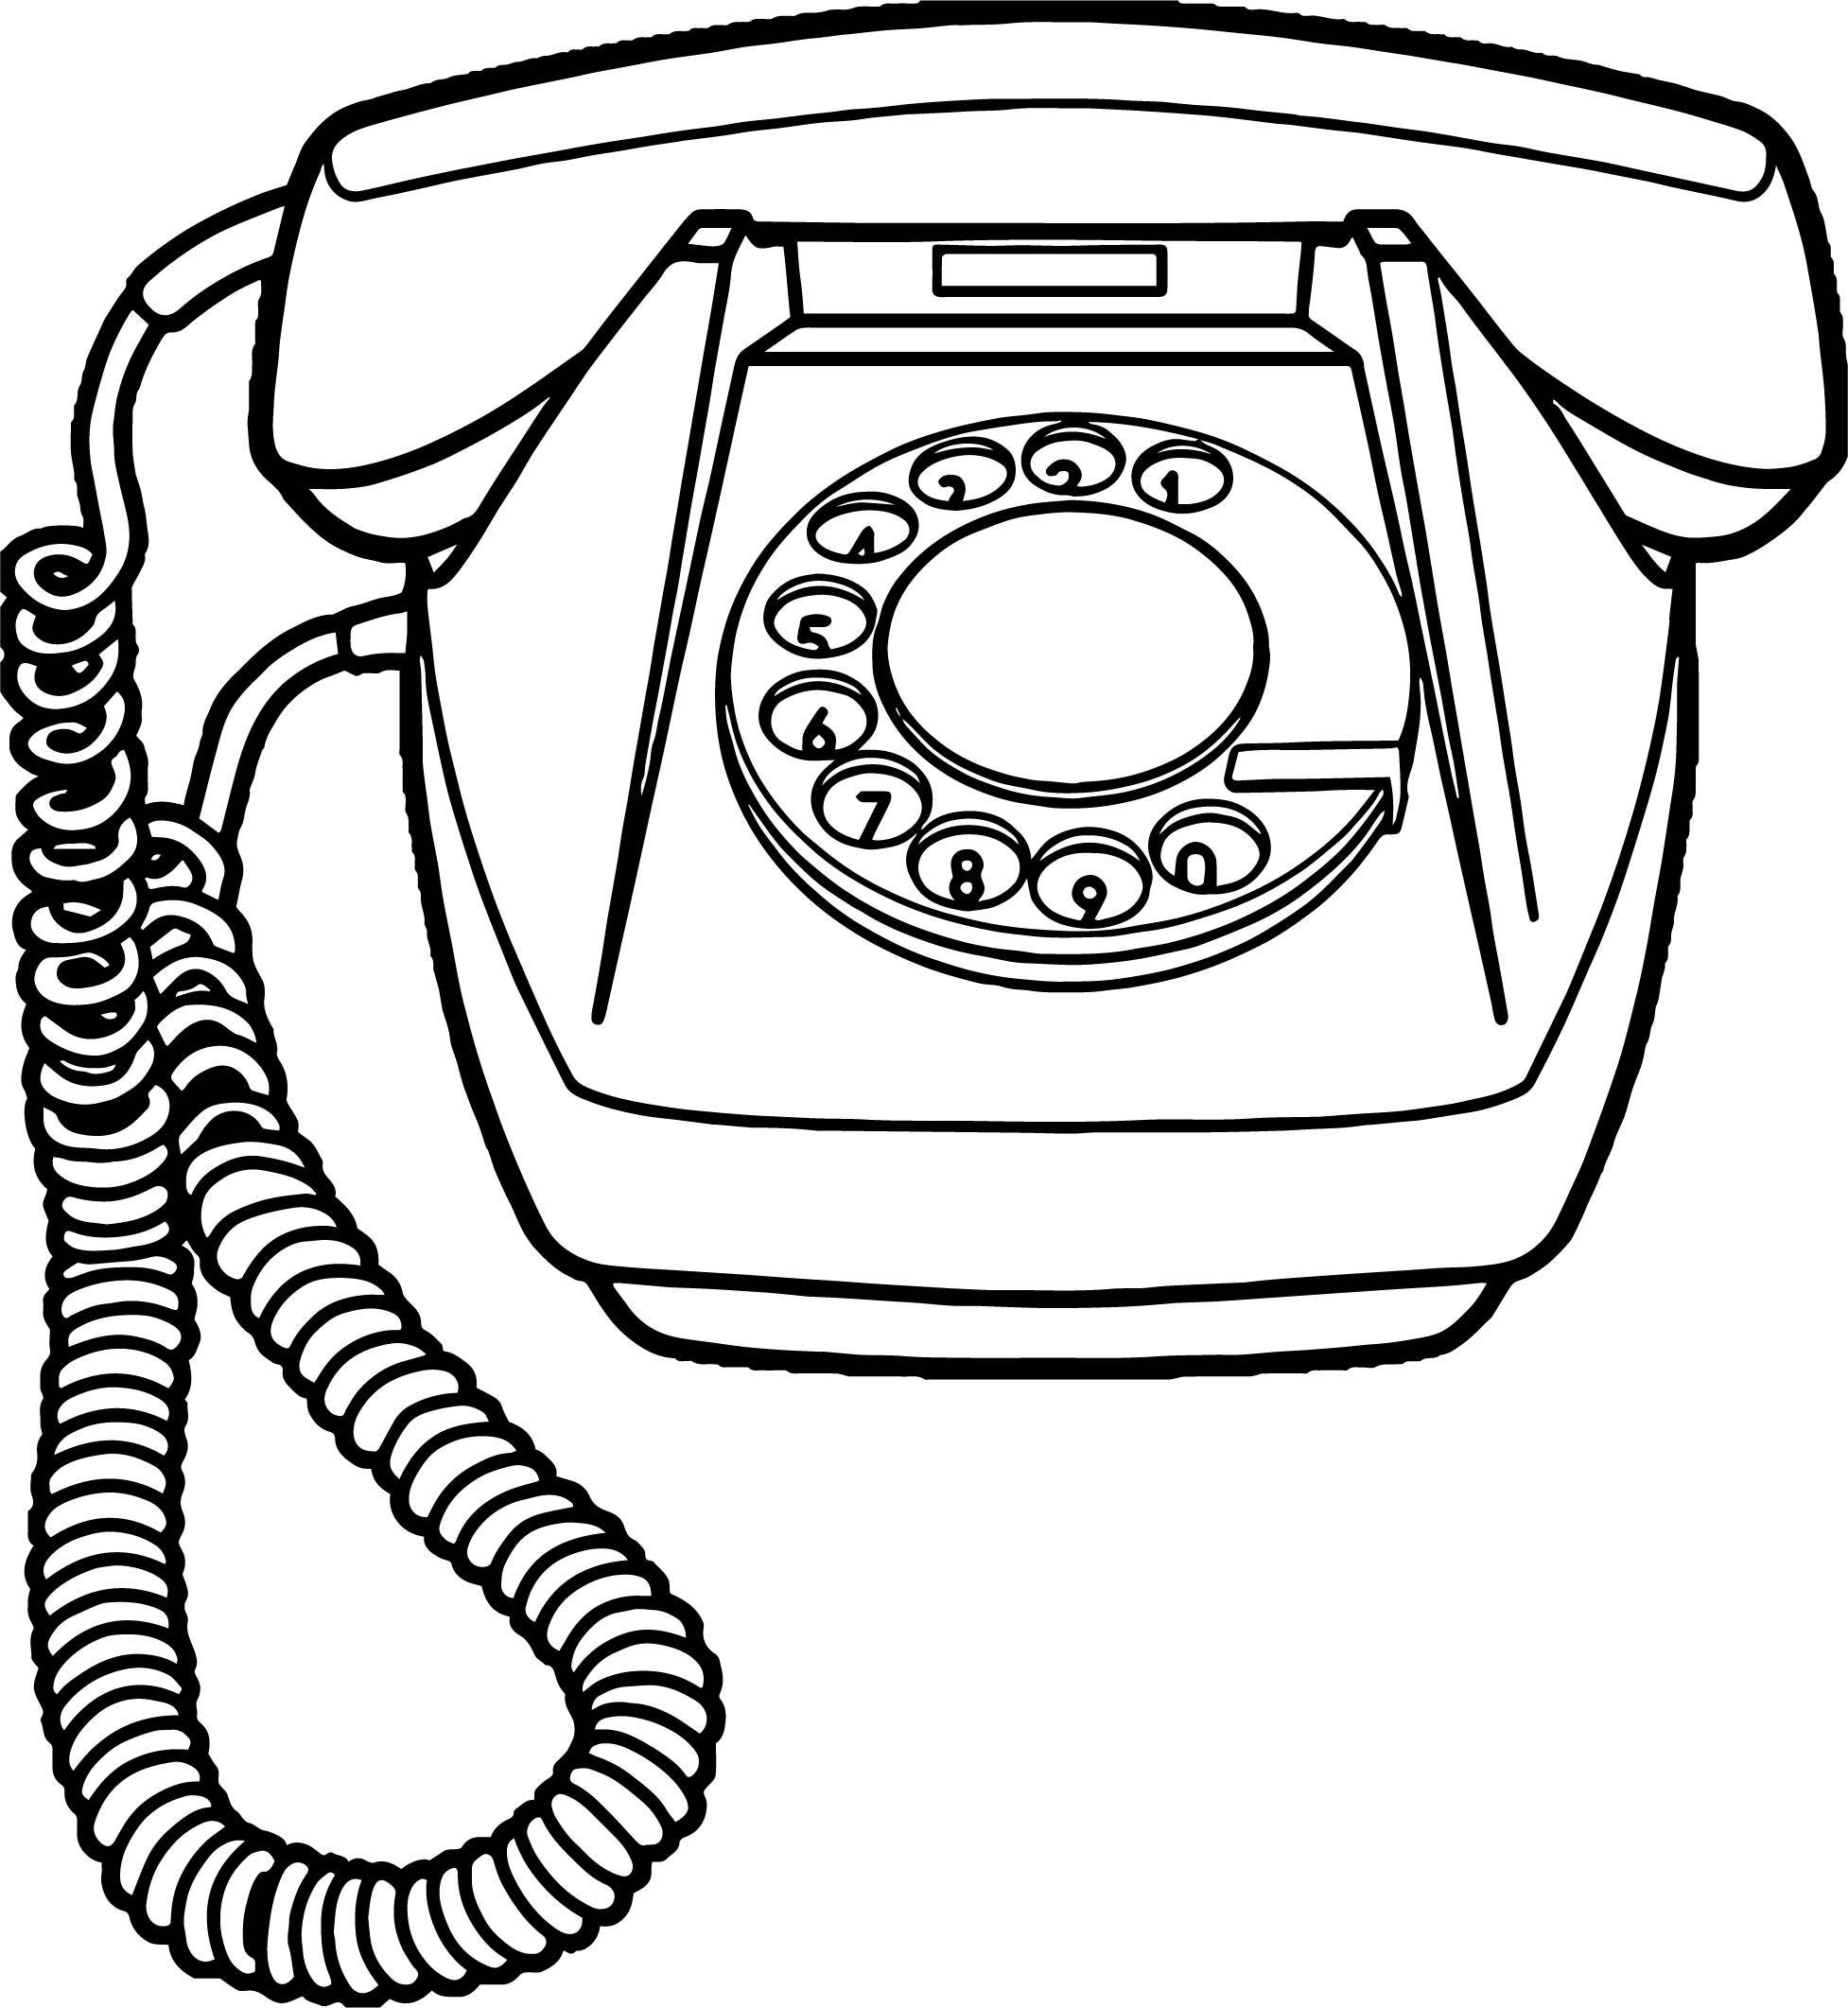 достоинства данного картинки на которых нарисованы телефоны более